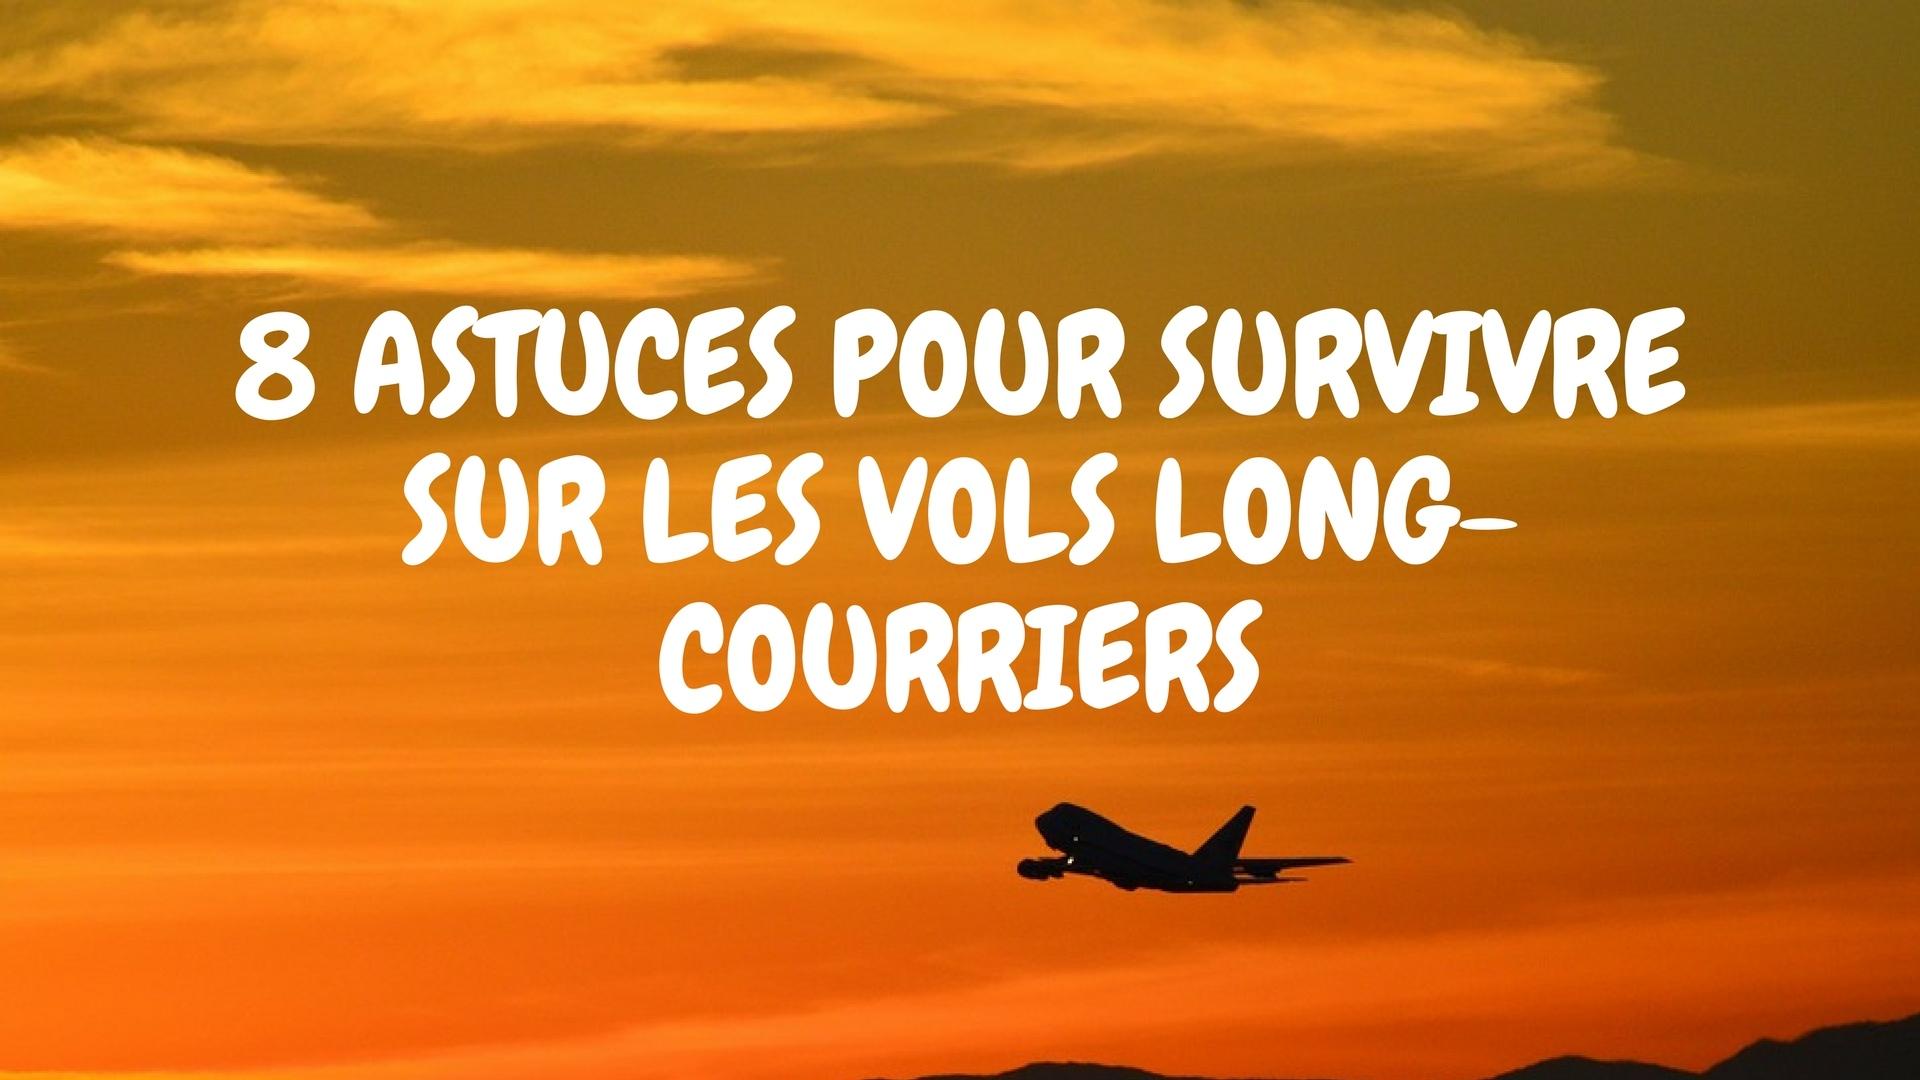 28d1e8d6d9a1 8 astuces pour survivre sur les vols long-courriers